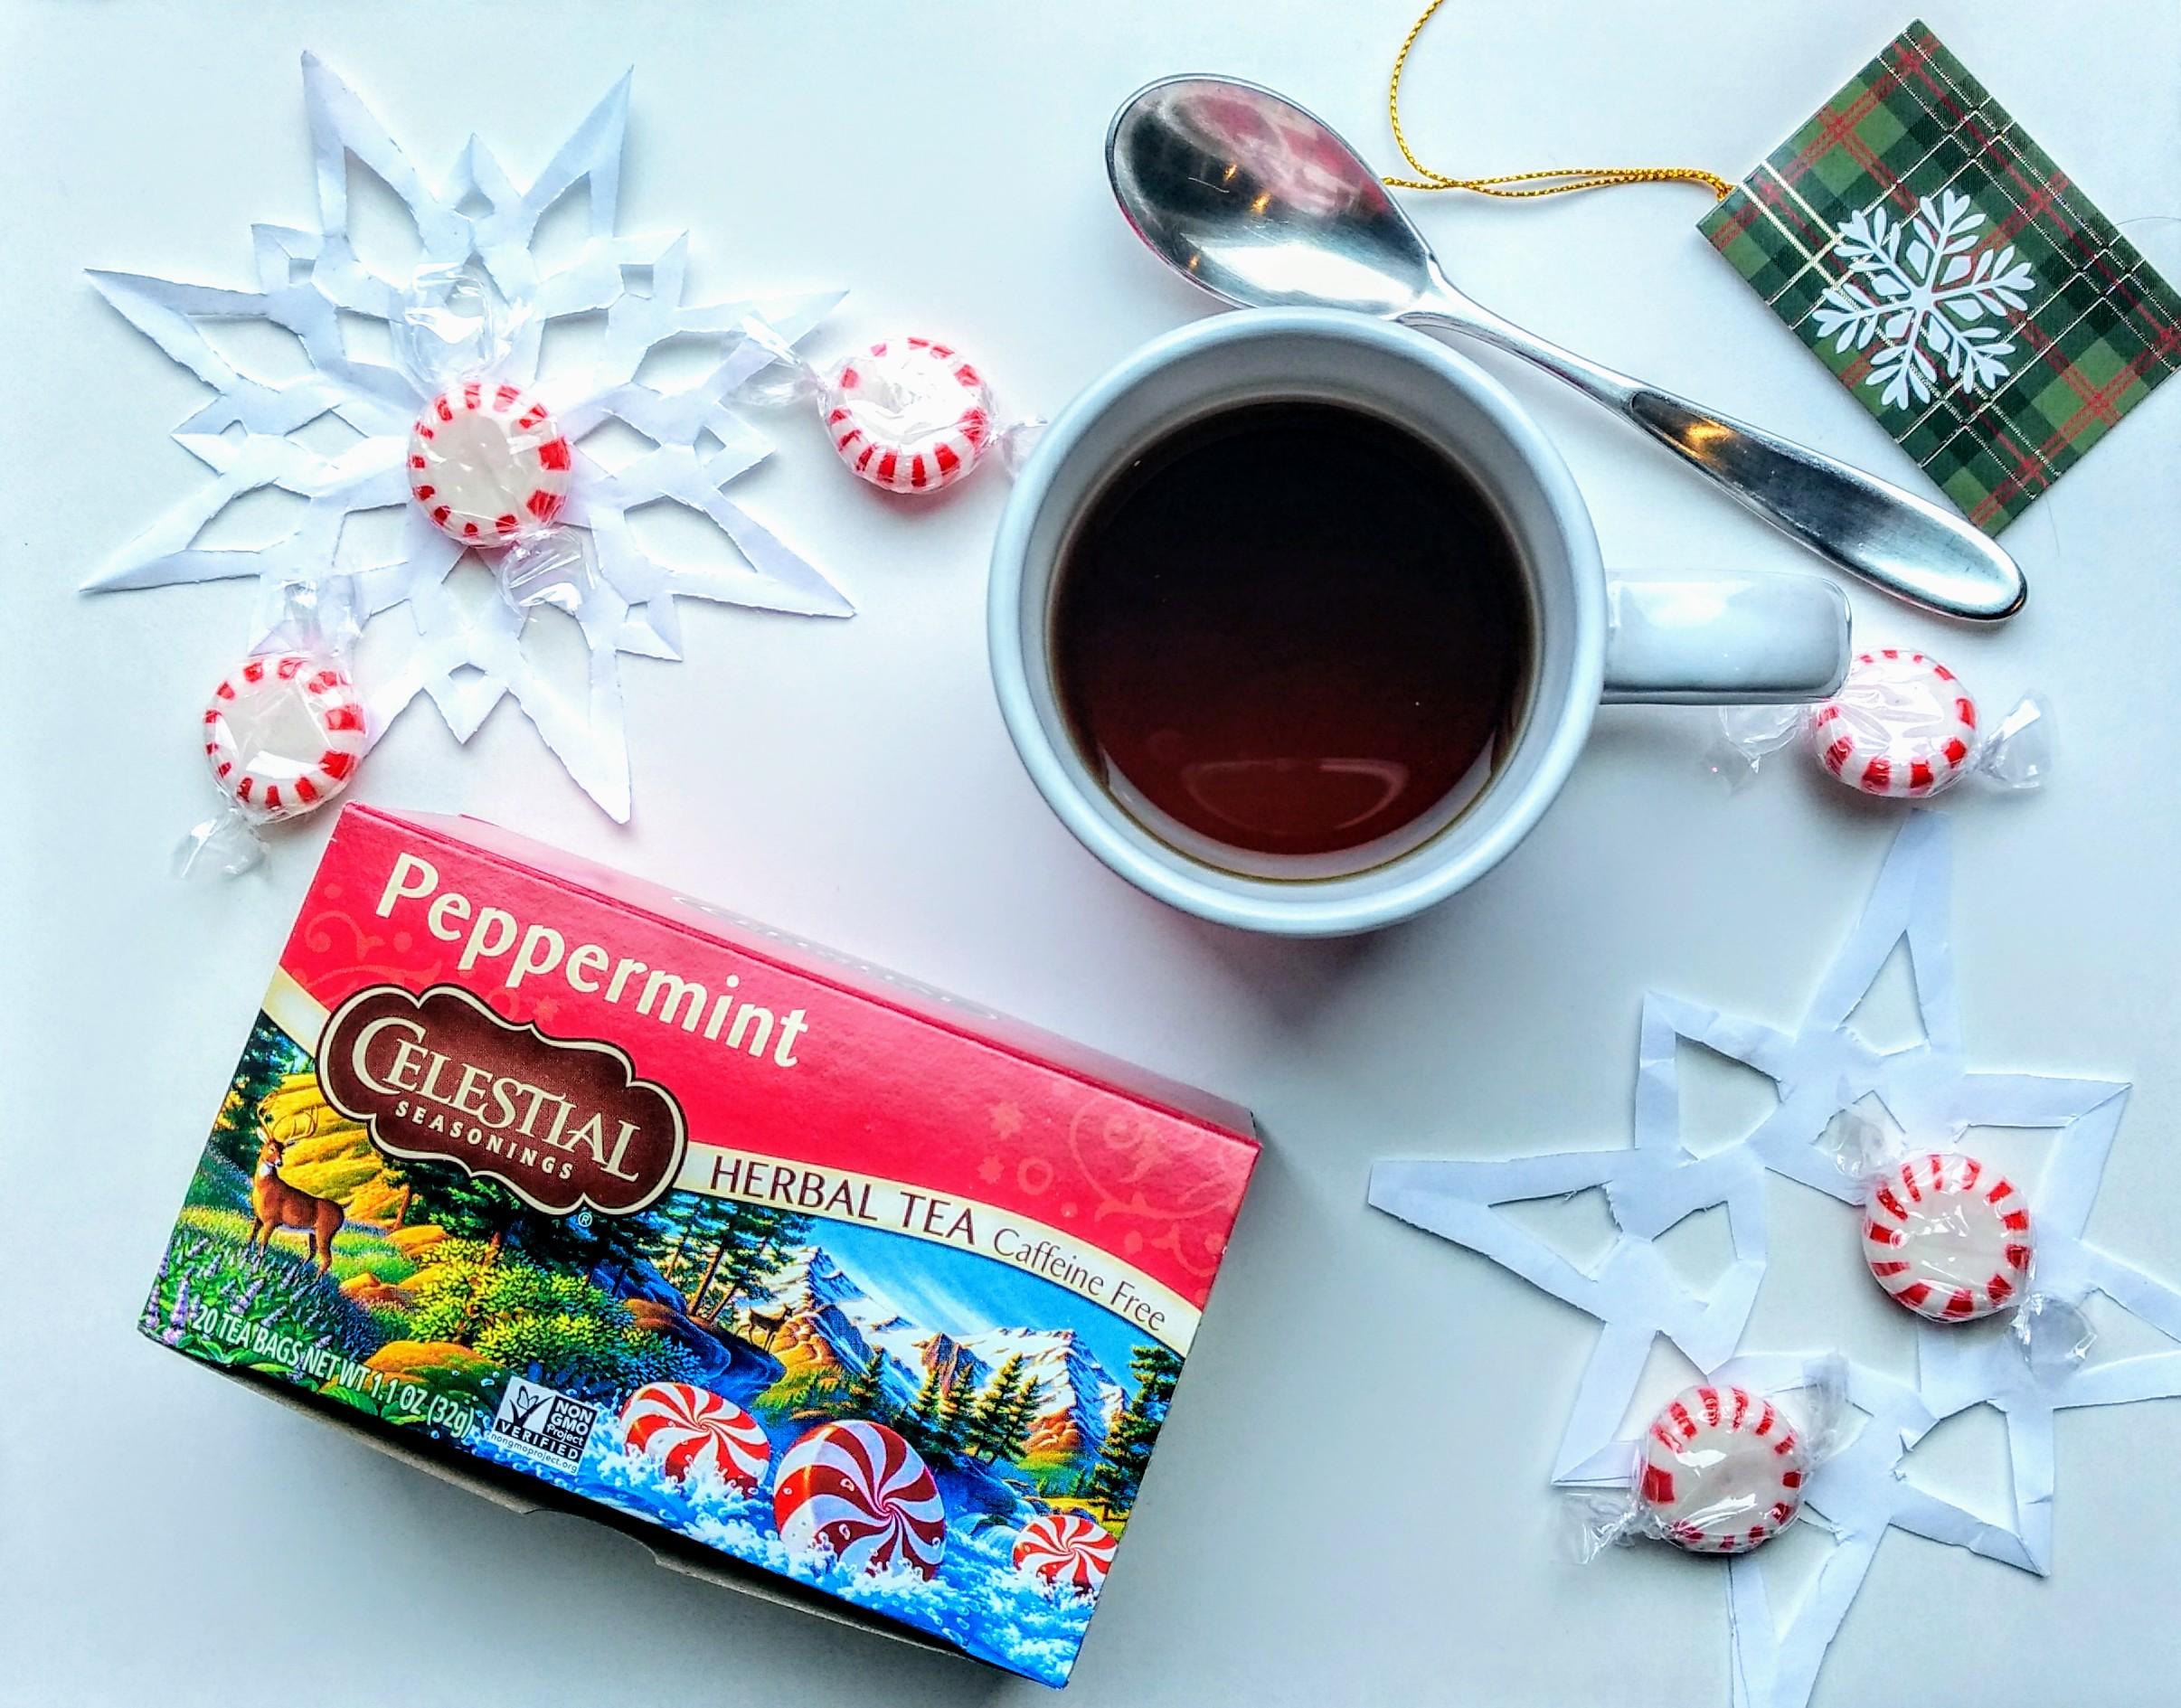 Foodie Favorite Celestial Seasonings Peppermint Tea cozy and sage